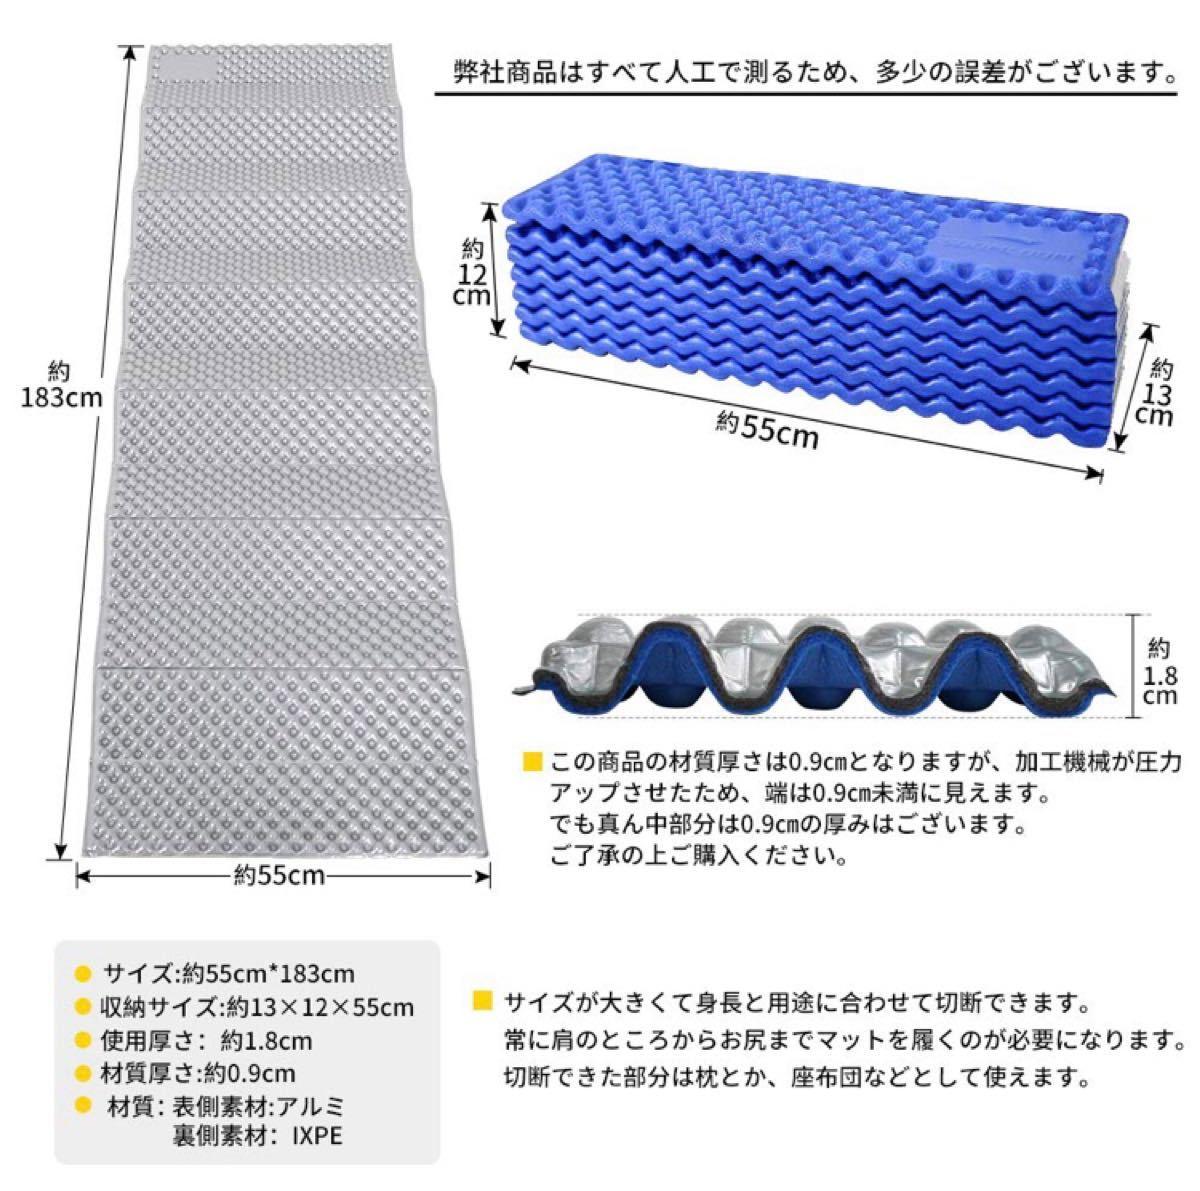 ★(新品)アウトドア折り畳みマット+シングルバーナー+CB/OD変換アダプタ★